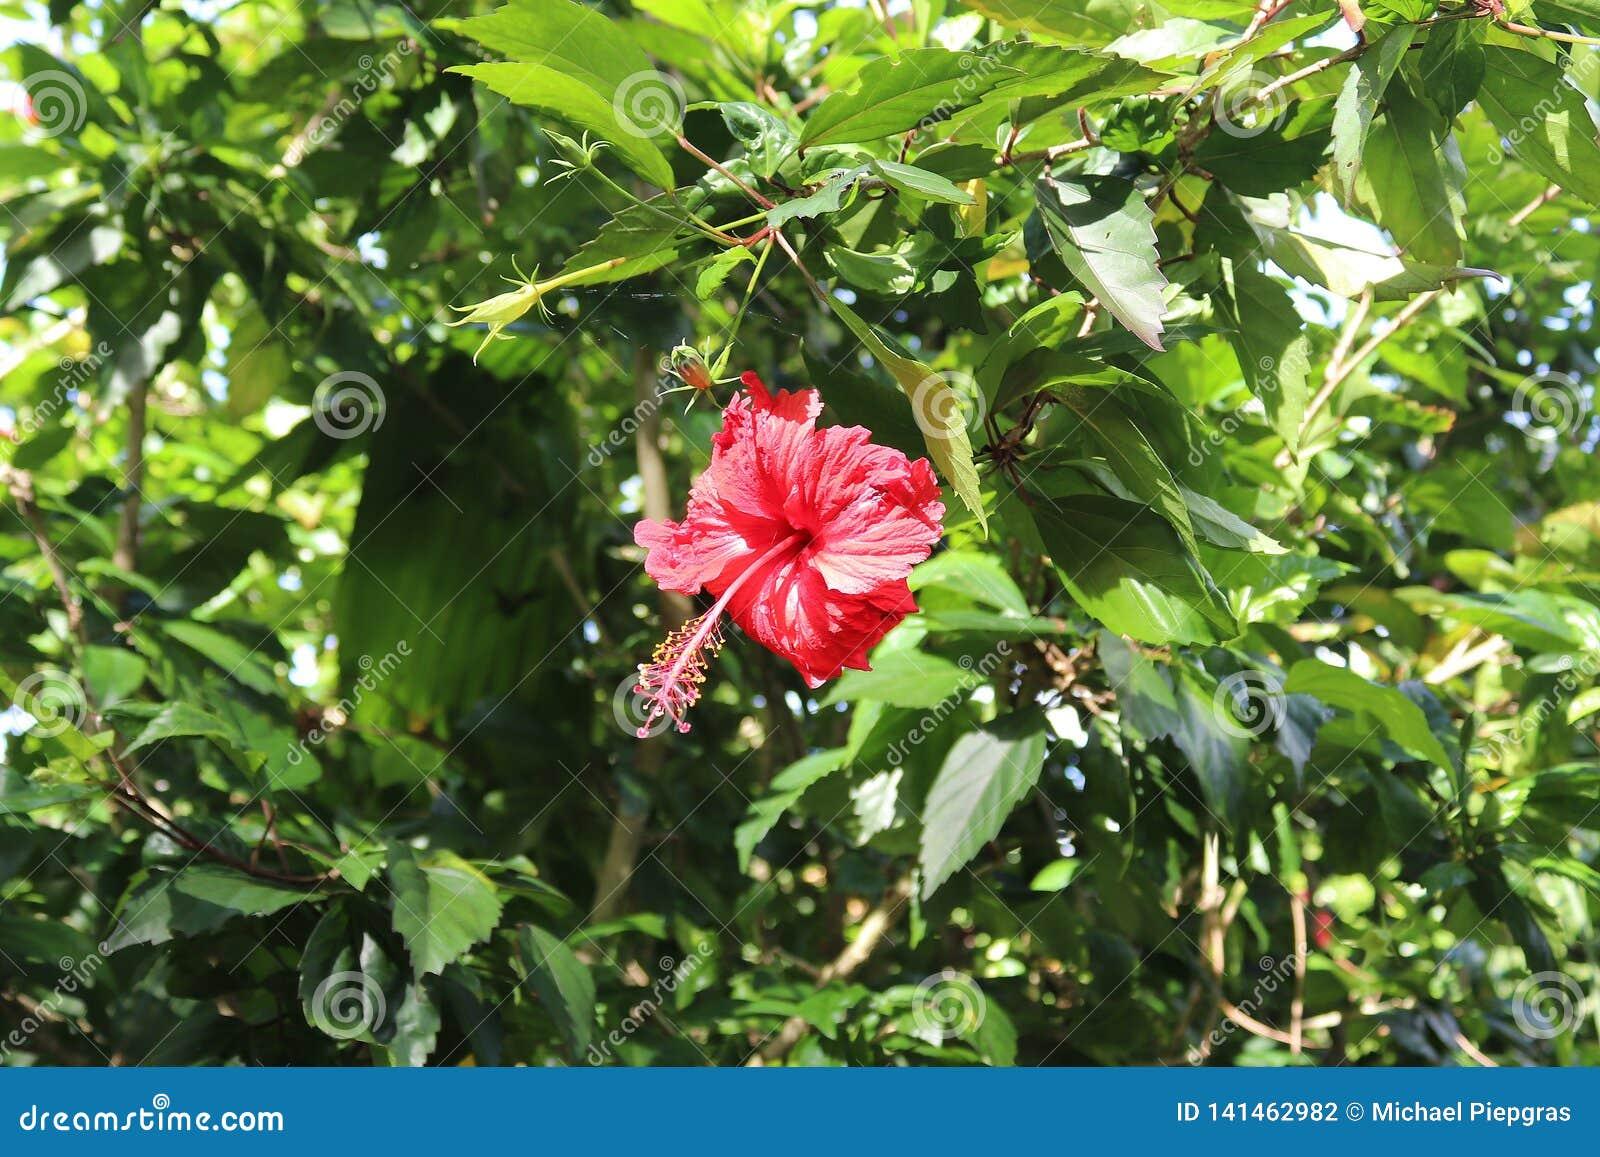 Macro tirs colorés des fleurs sur l île des Seychelles